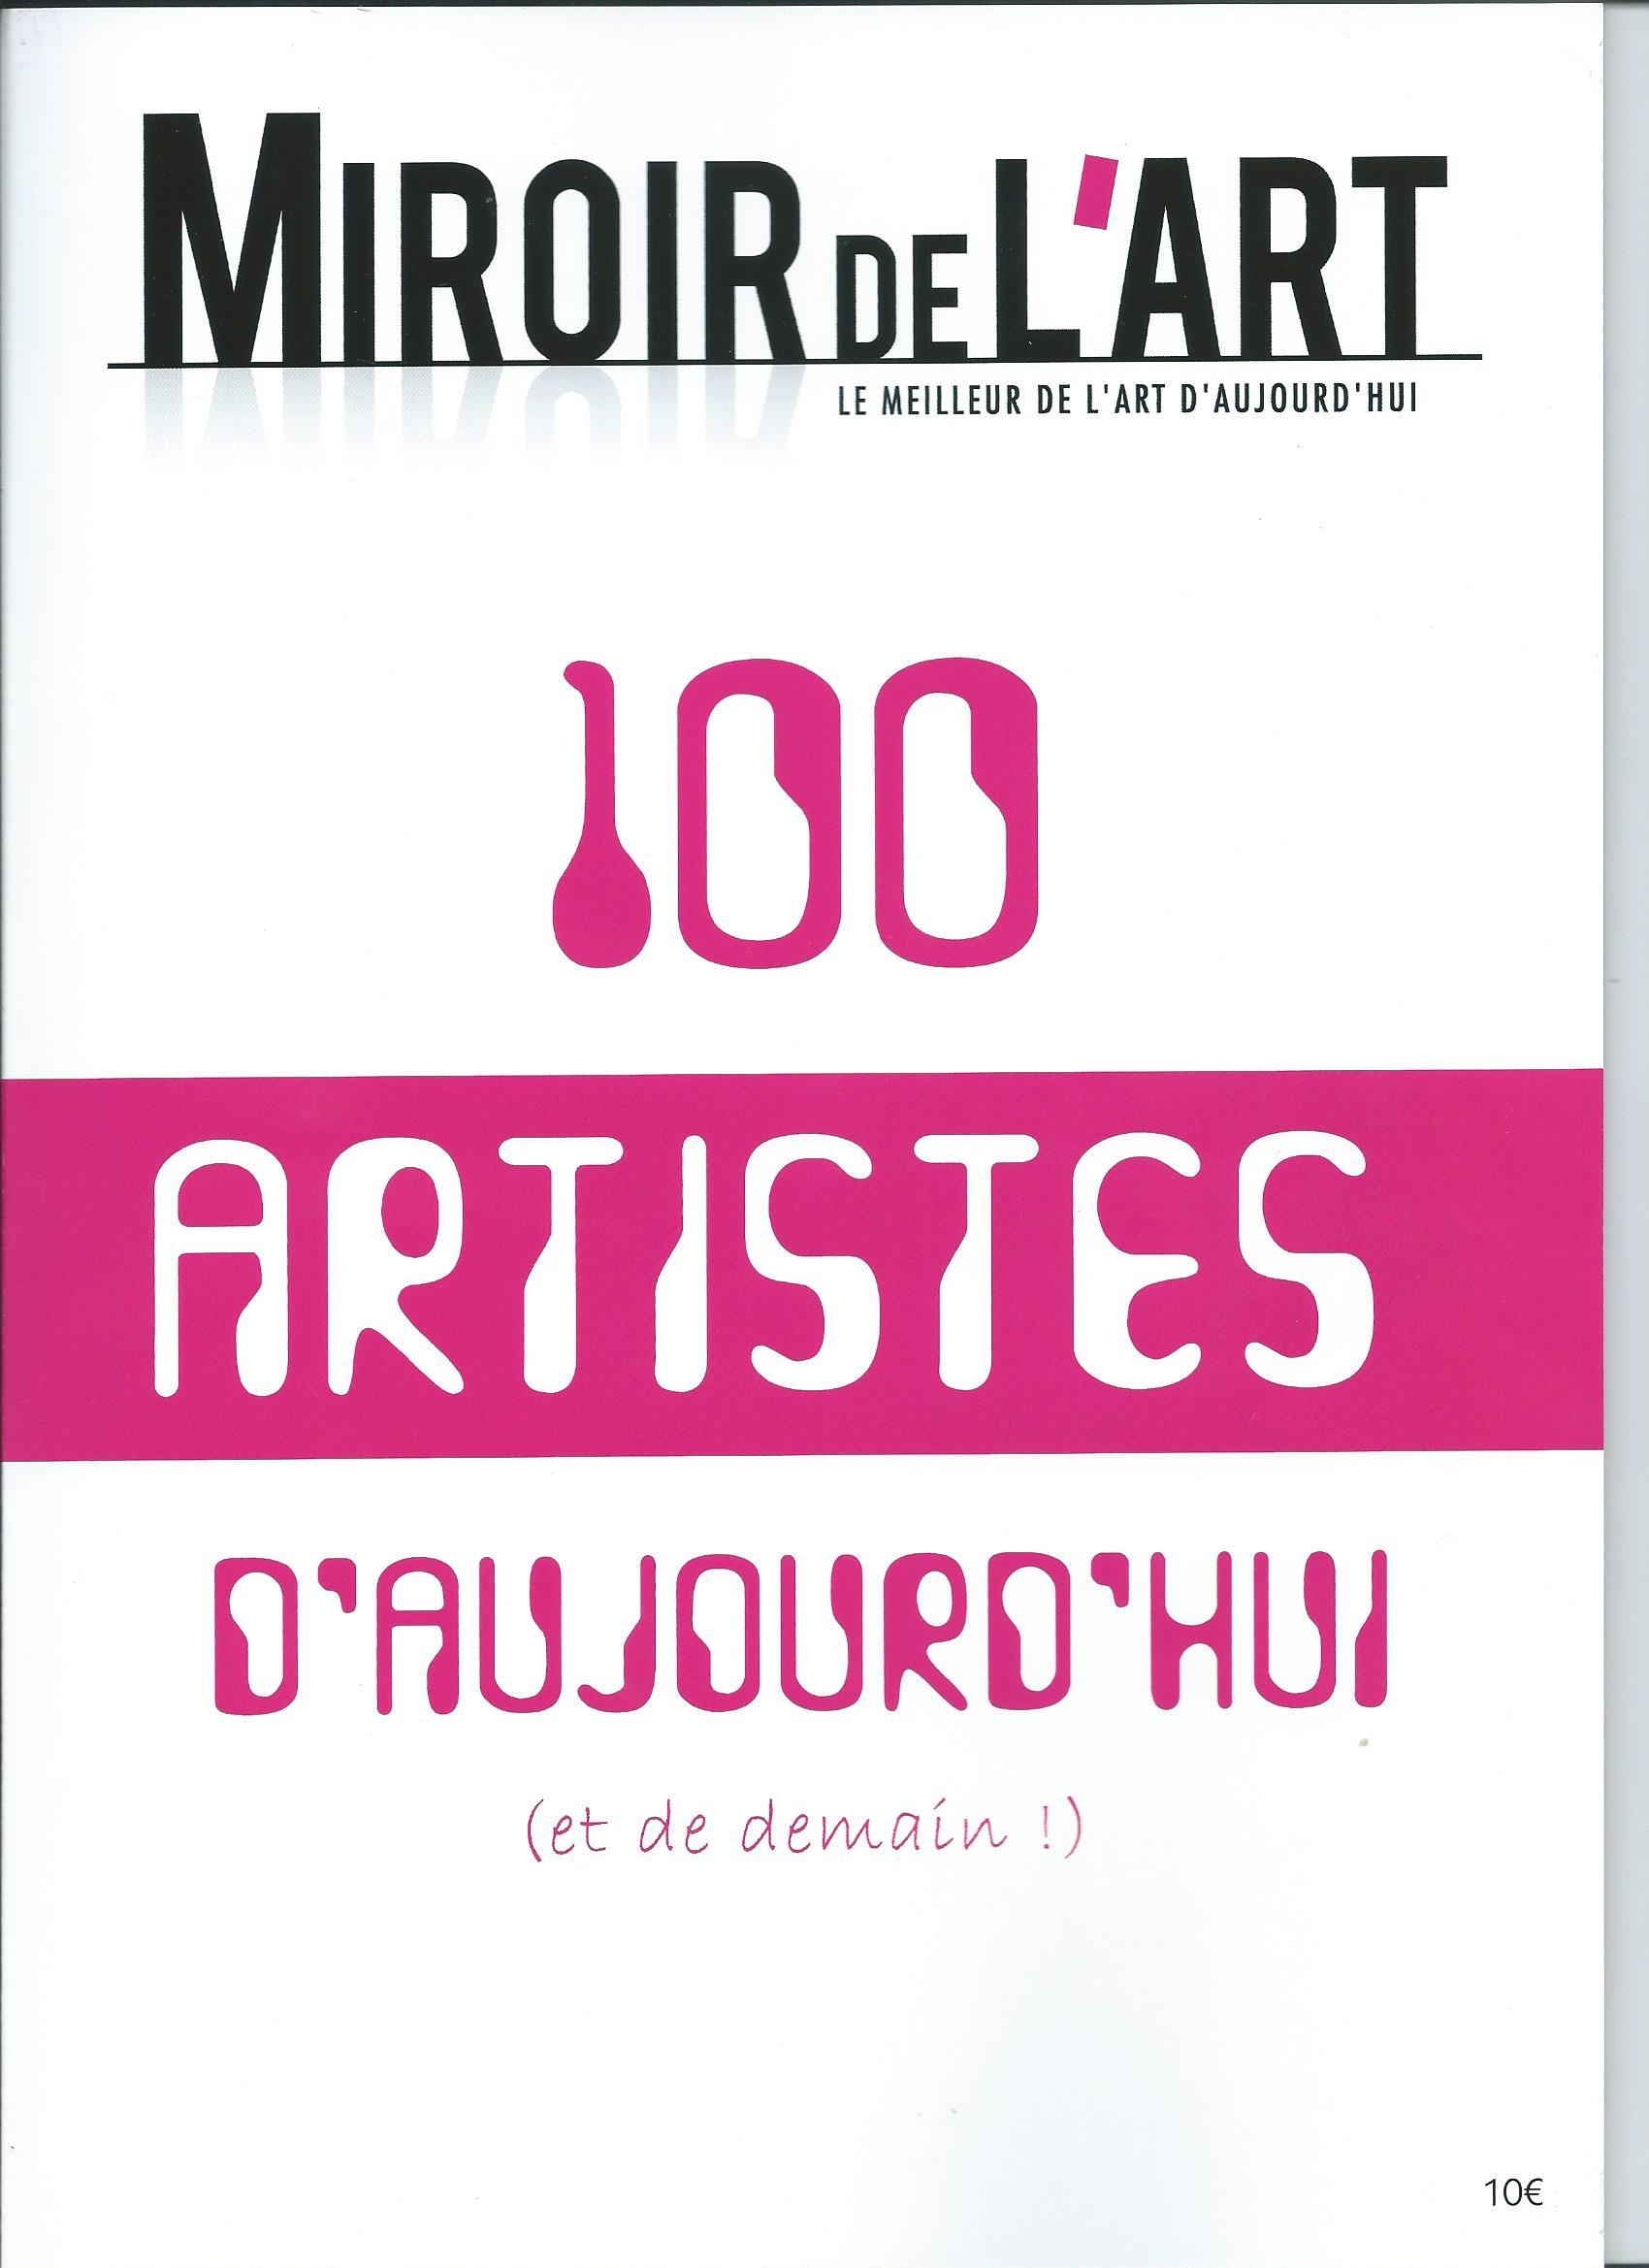 miroir-de-lart-100-artistes-1